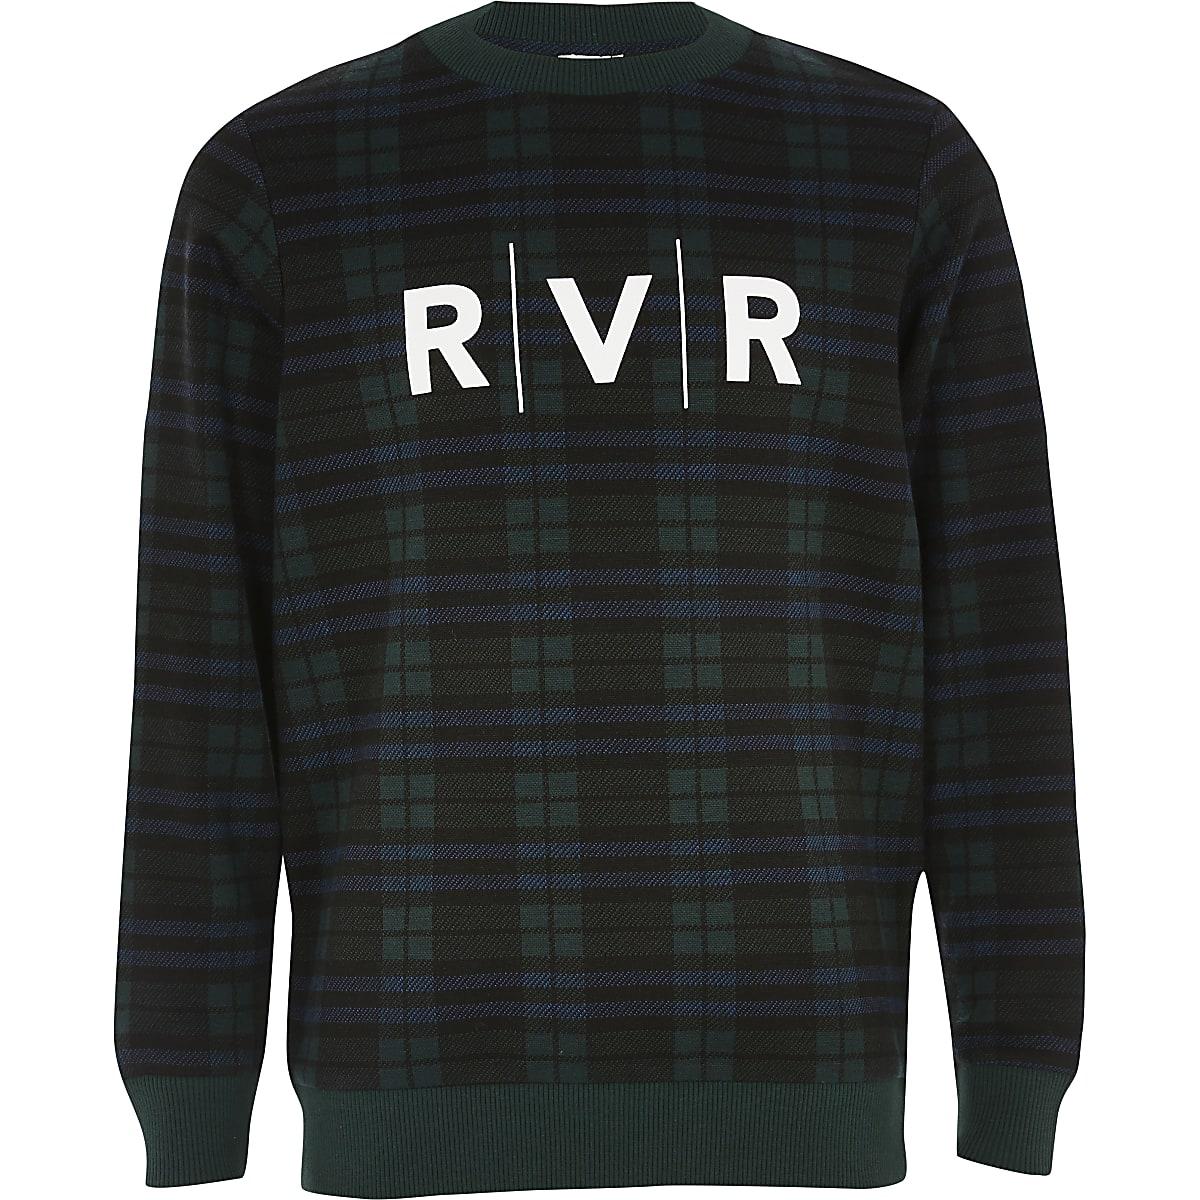 Boys green check RVR printed sweatshirt